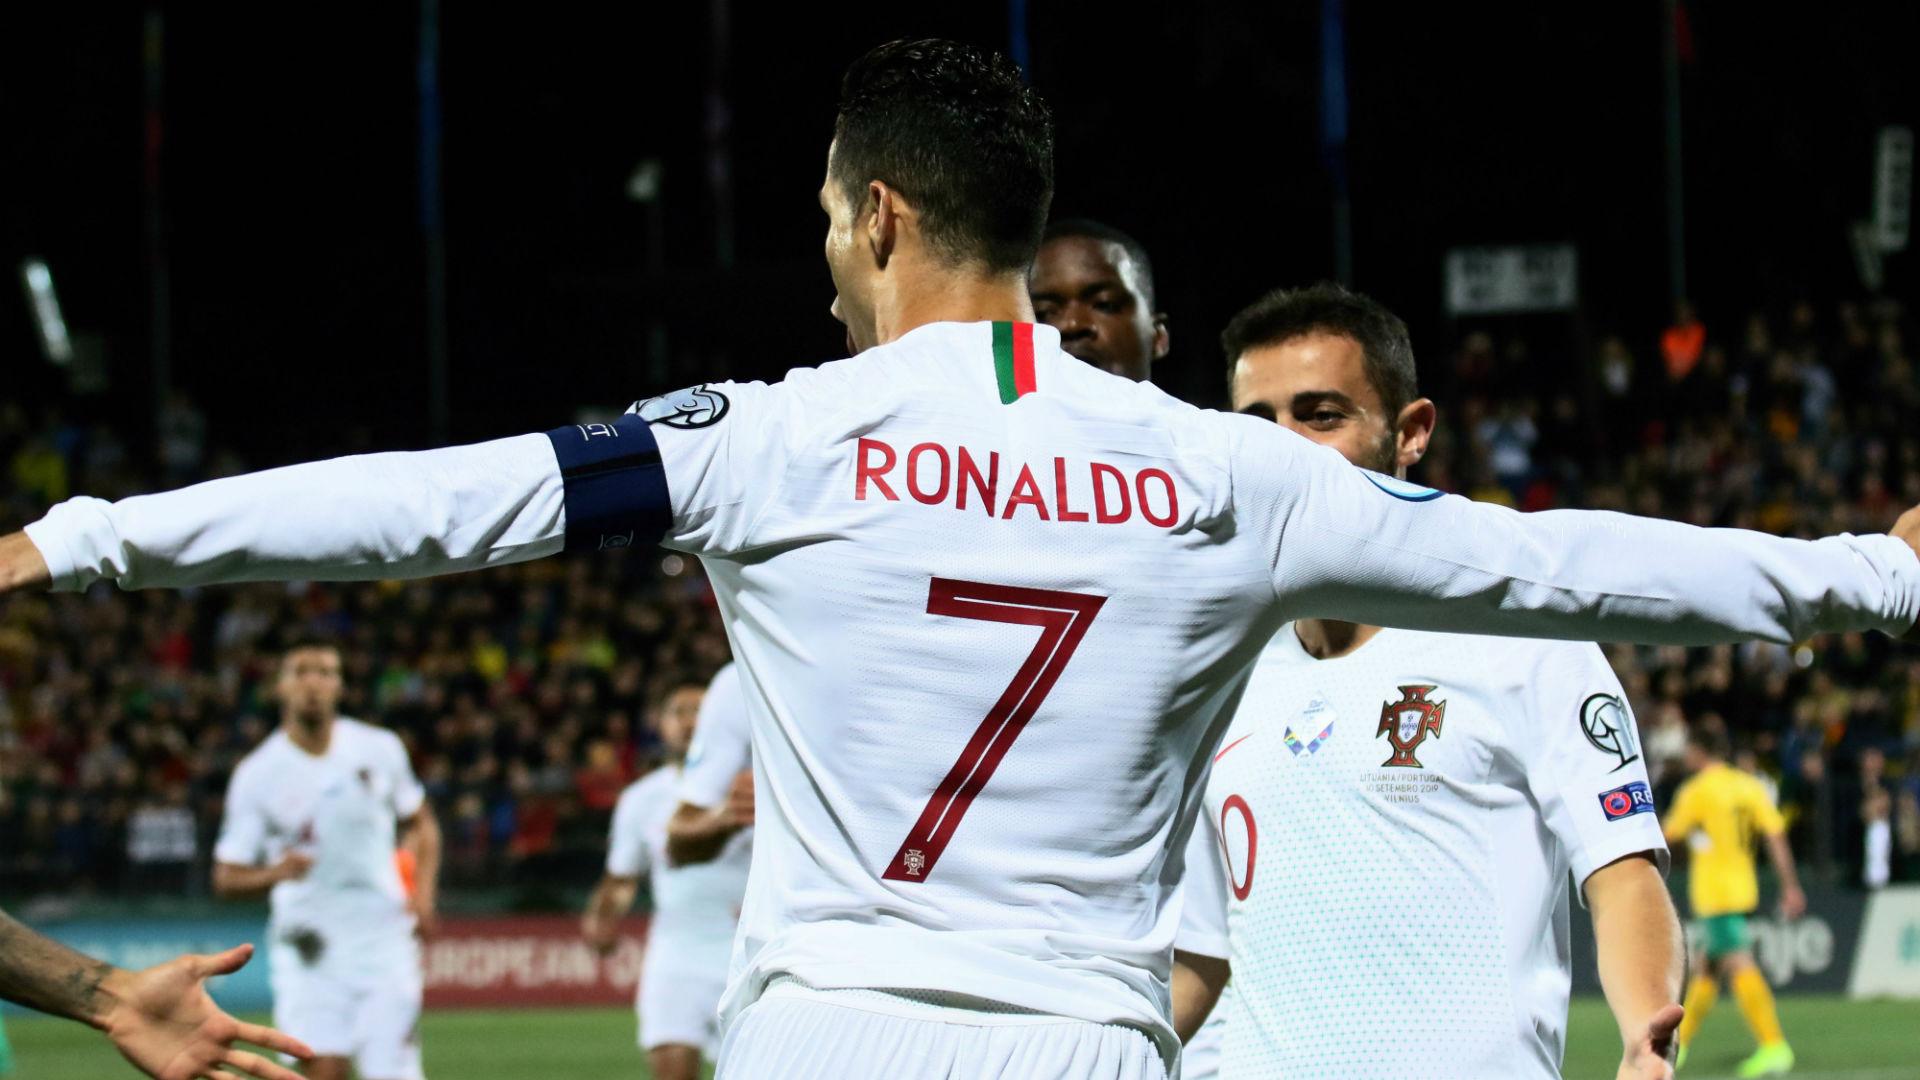 C罗欧洲杯称王 一战刷新多项纪录